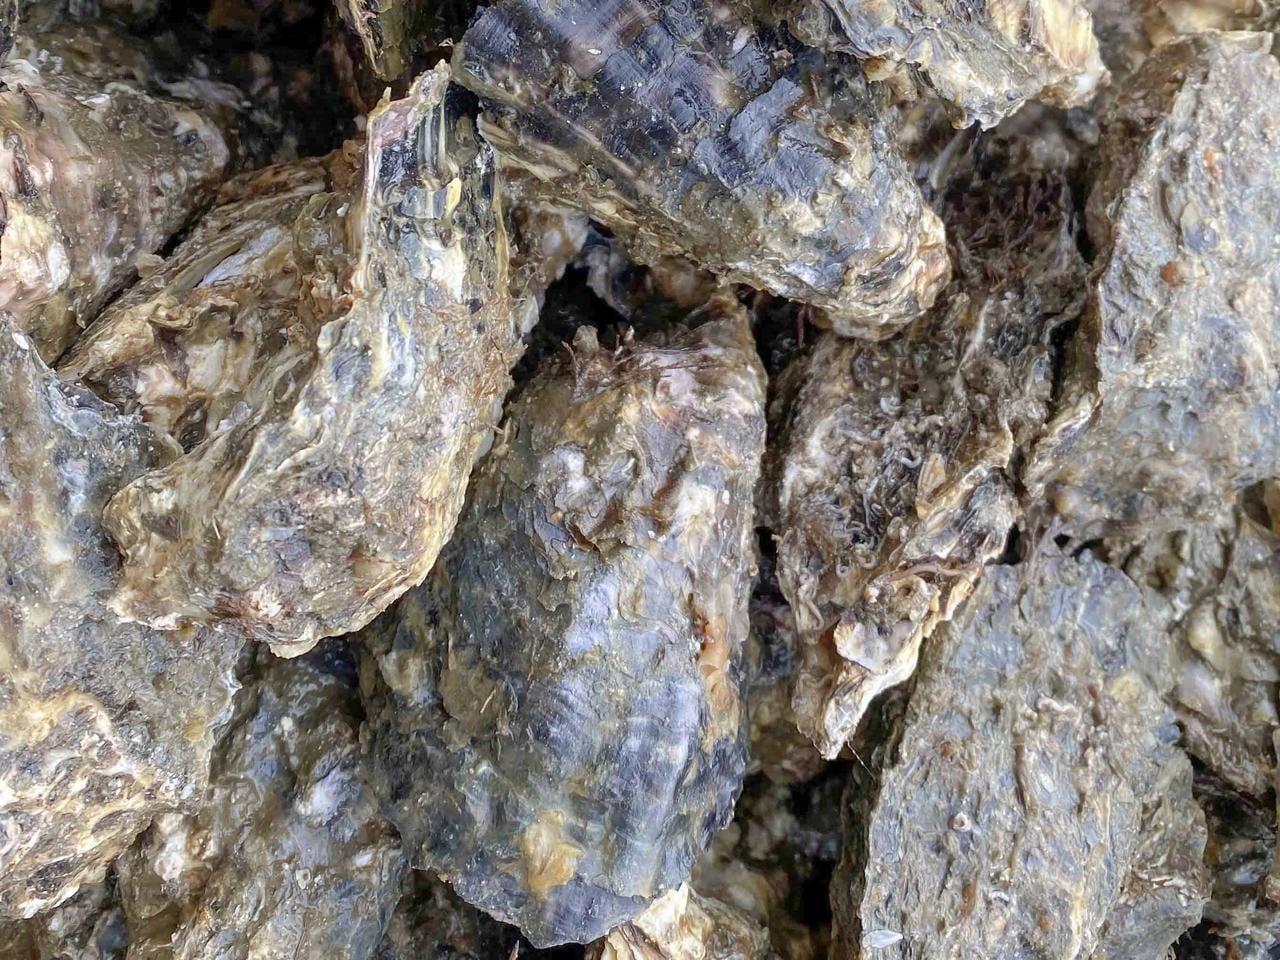 【赤穂・坂越】一本まるごと牡蠣泥棒 安い・うまい・楽しい!超新鮮な牡蠣を堪能